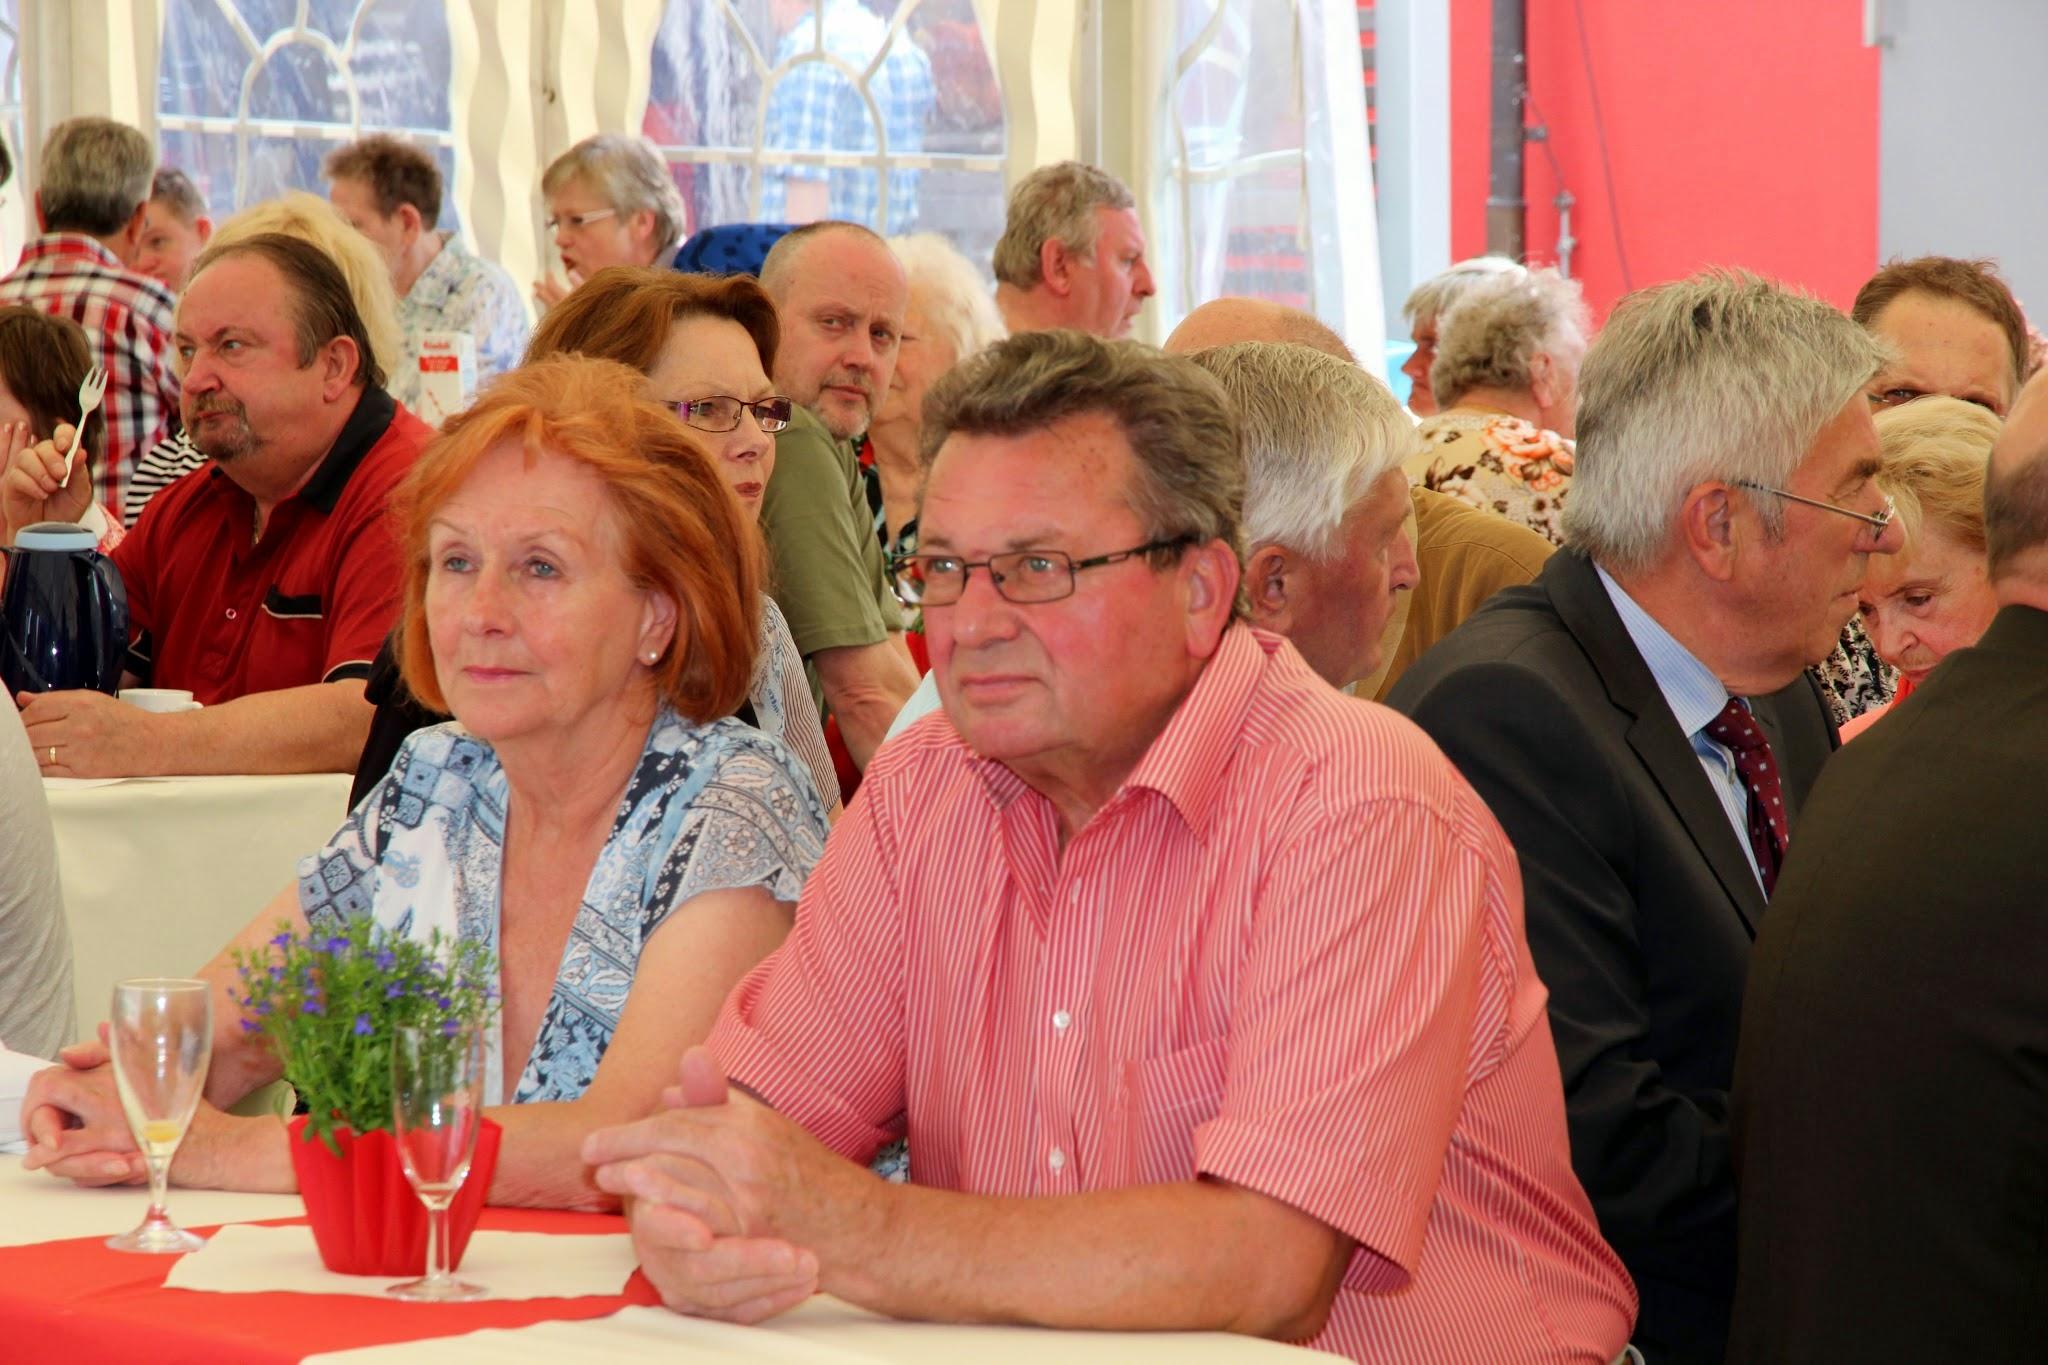 Im Namen der Lebenshilfe-Familie gratulierte Lebenshilfe-Chef Gerhard John herzlich gegenüber Klaus Hähnlein zum 80. Geburtstag. Archivfoto zeigt Heidi und Klaus Hähnlein, 2014 im Betreuungszentrum.